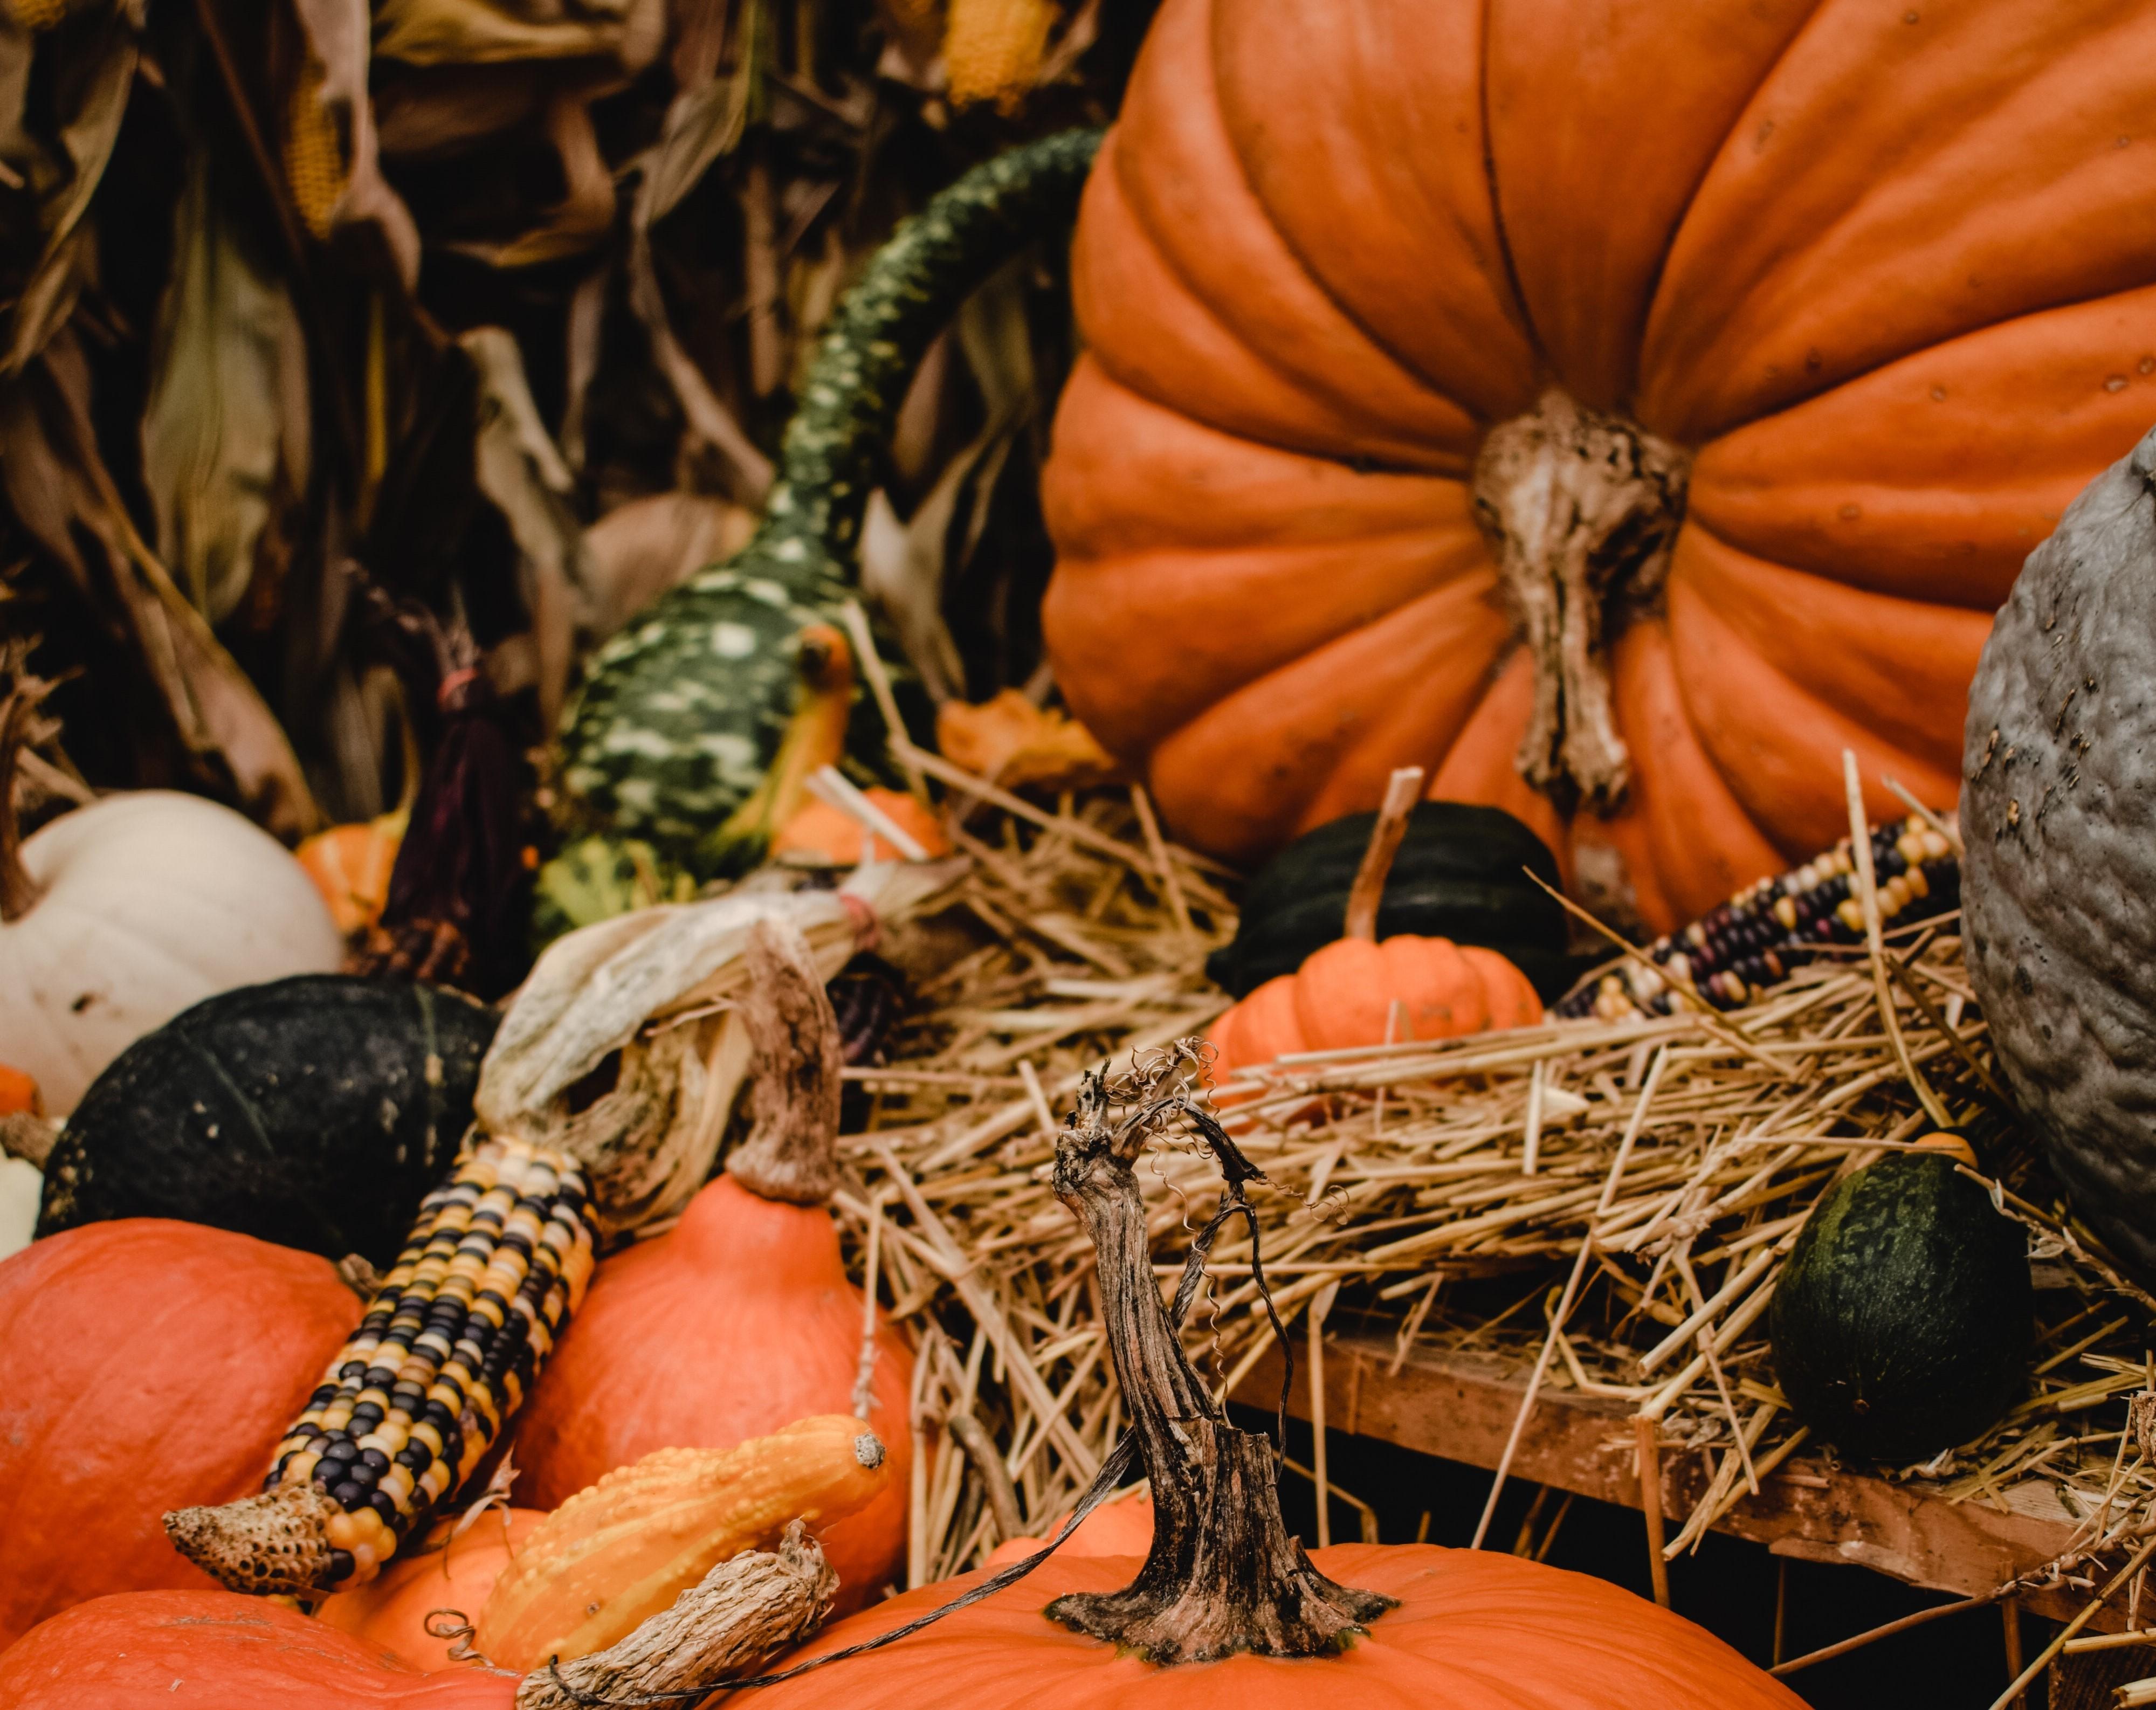 Natürliche Herbst-Dekoration aus Kürbis und getrockneten Blättern